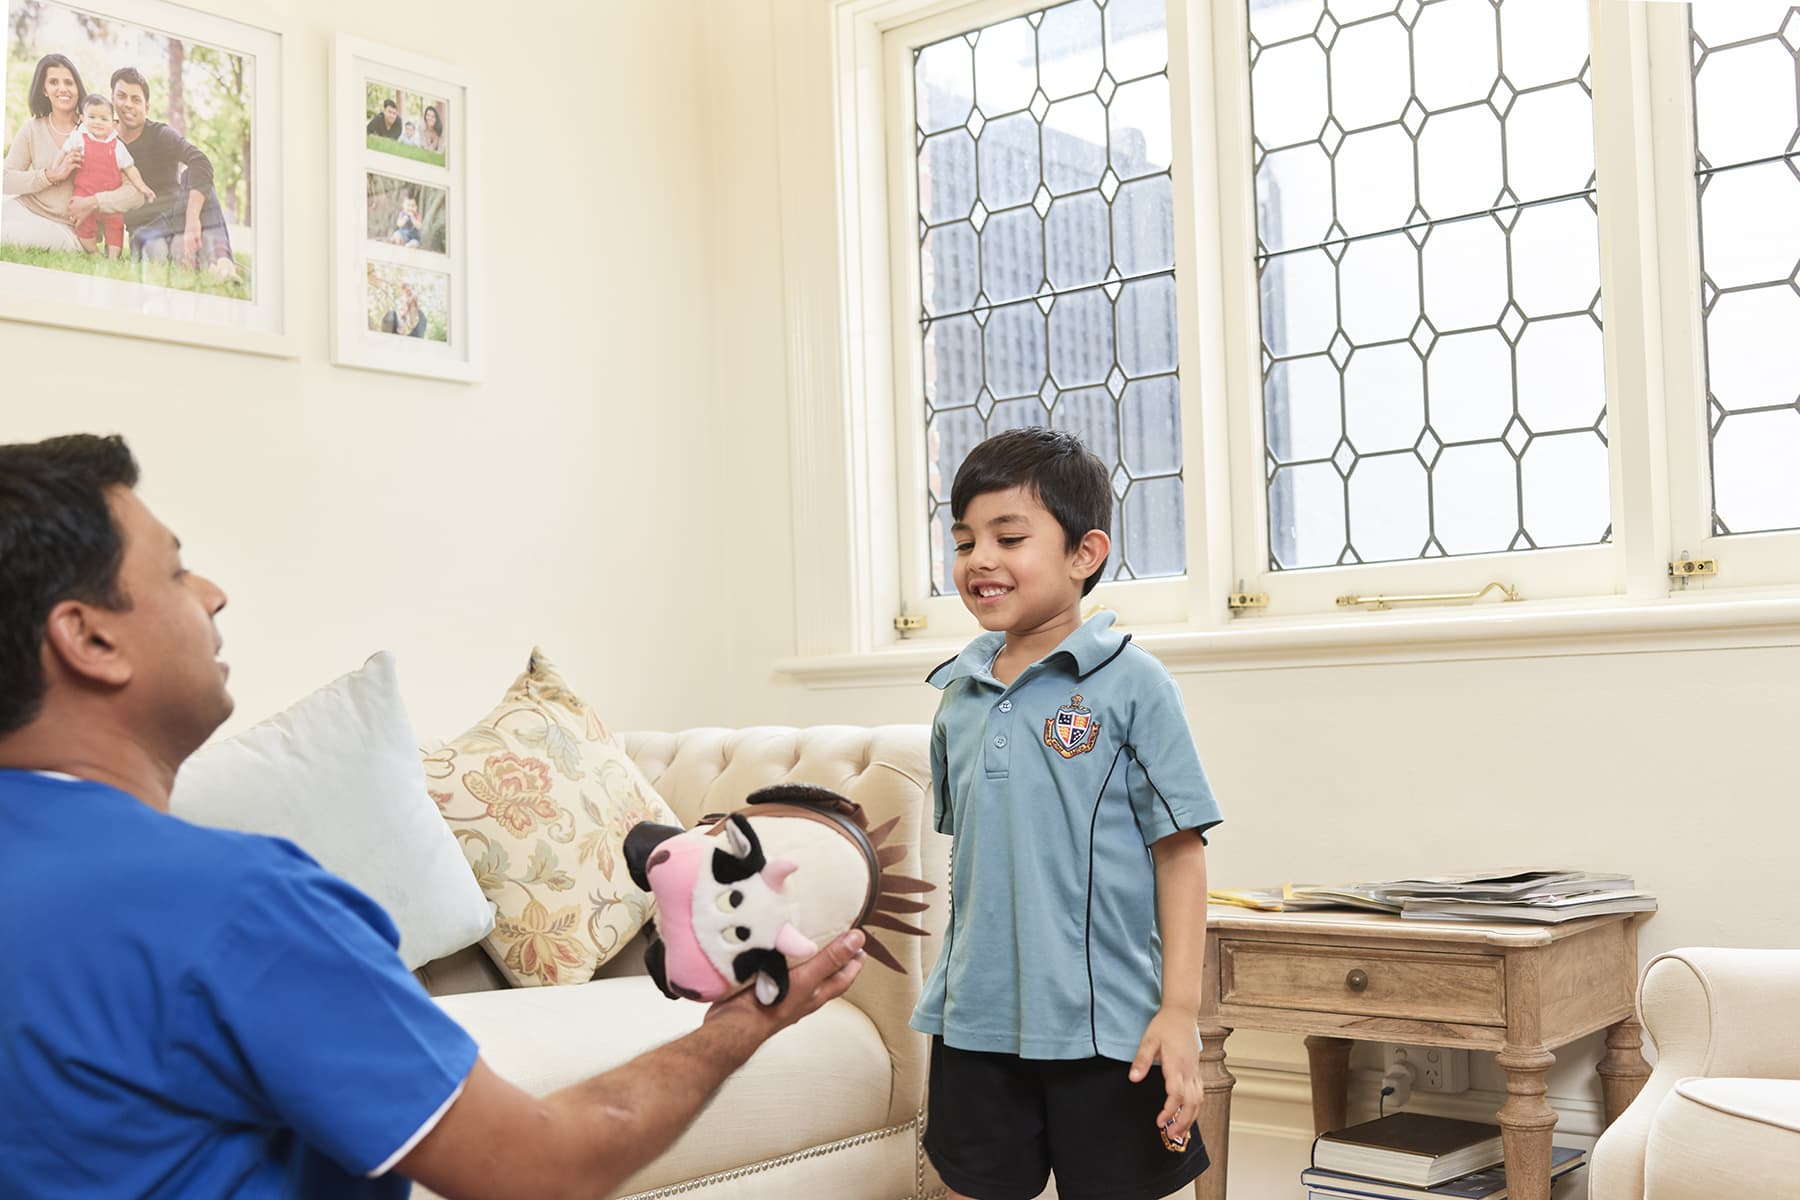 Dentistry for Kids Melbourne